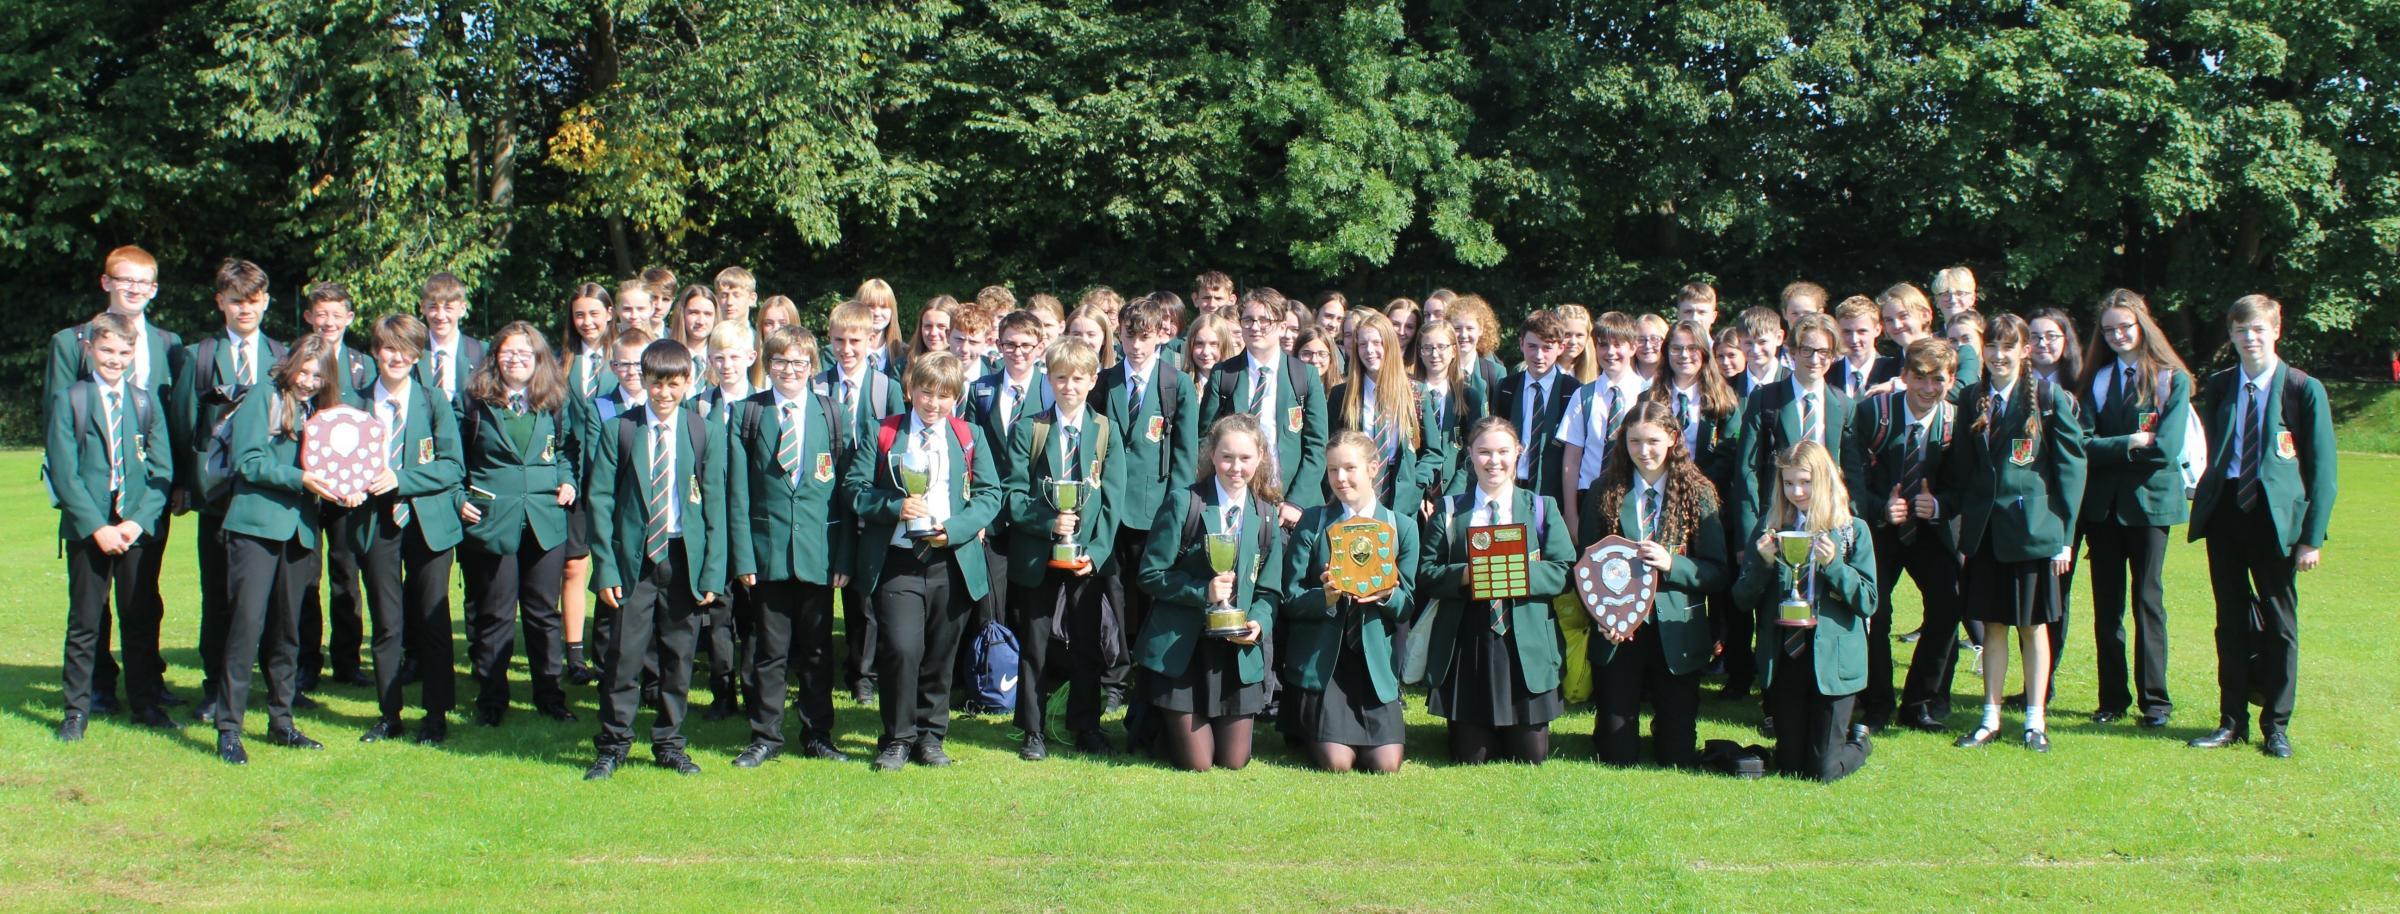 WINNERS: Kirkbie Kendal Award Winners